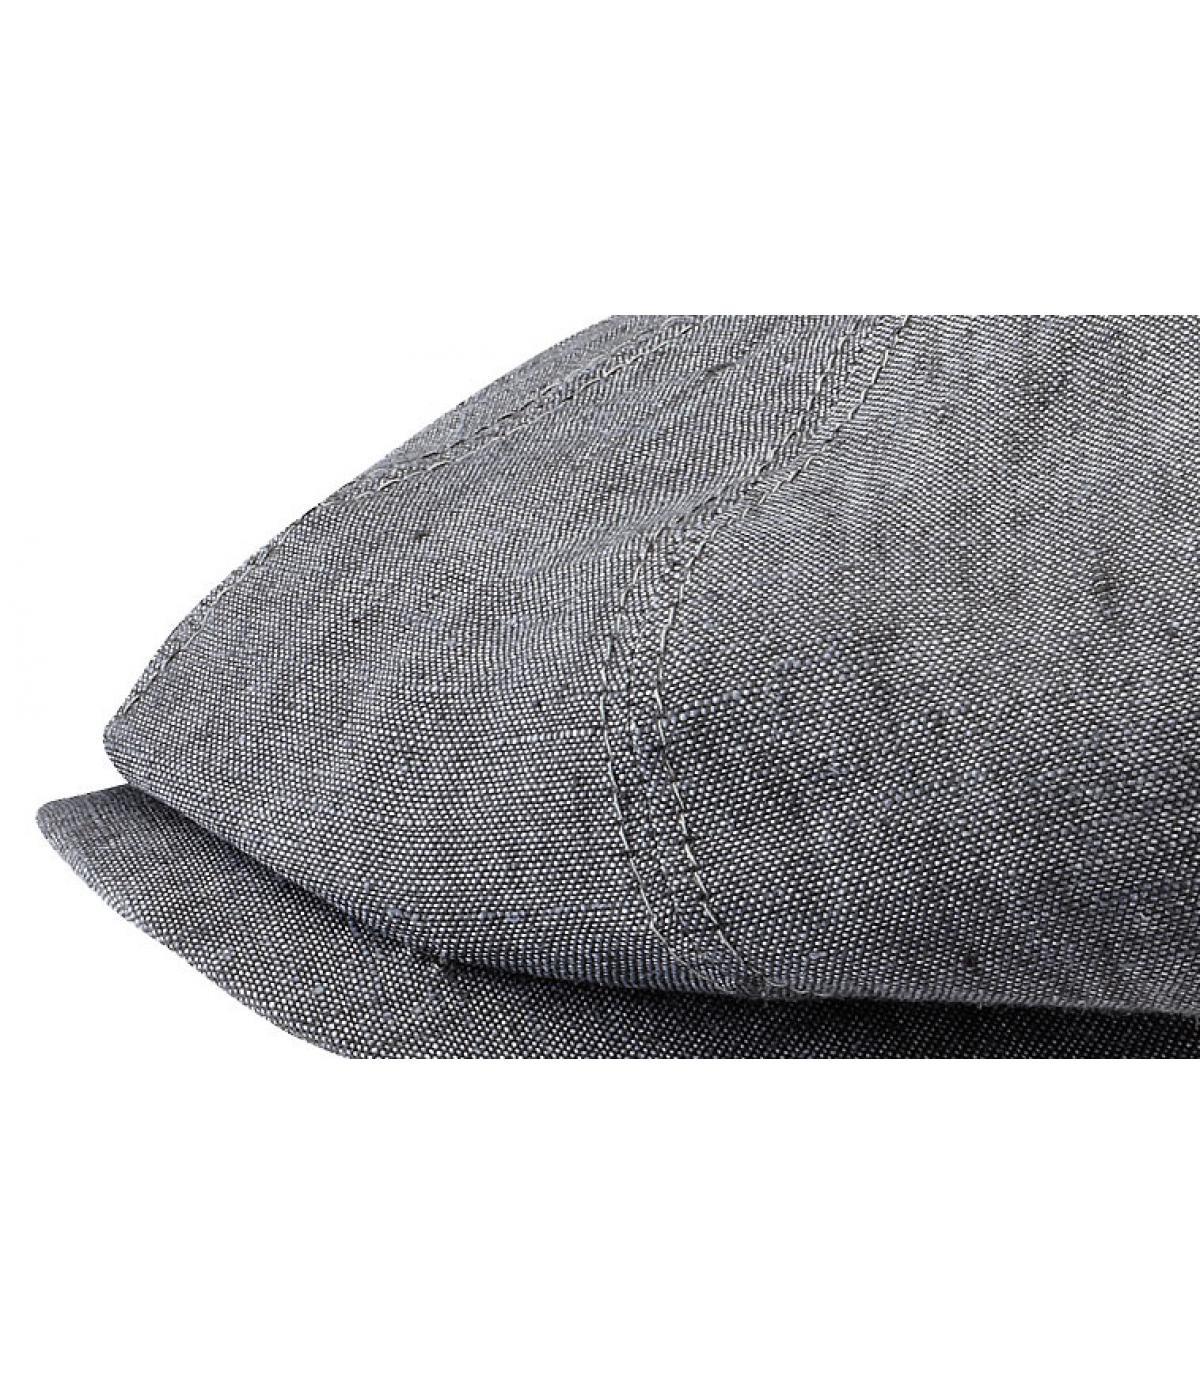 Details Hatteras lin Jeans - Abbildung 2